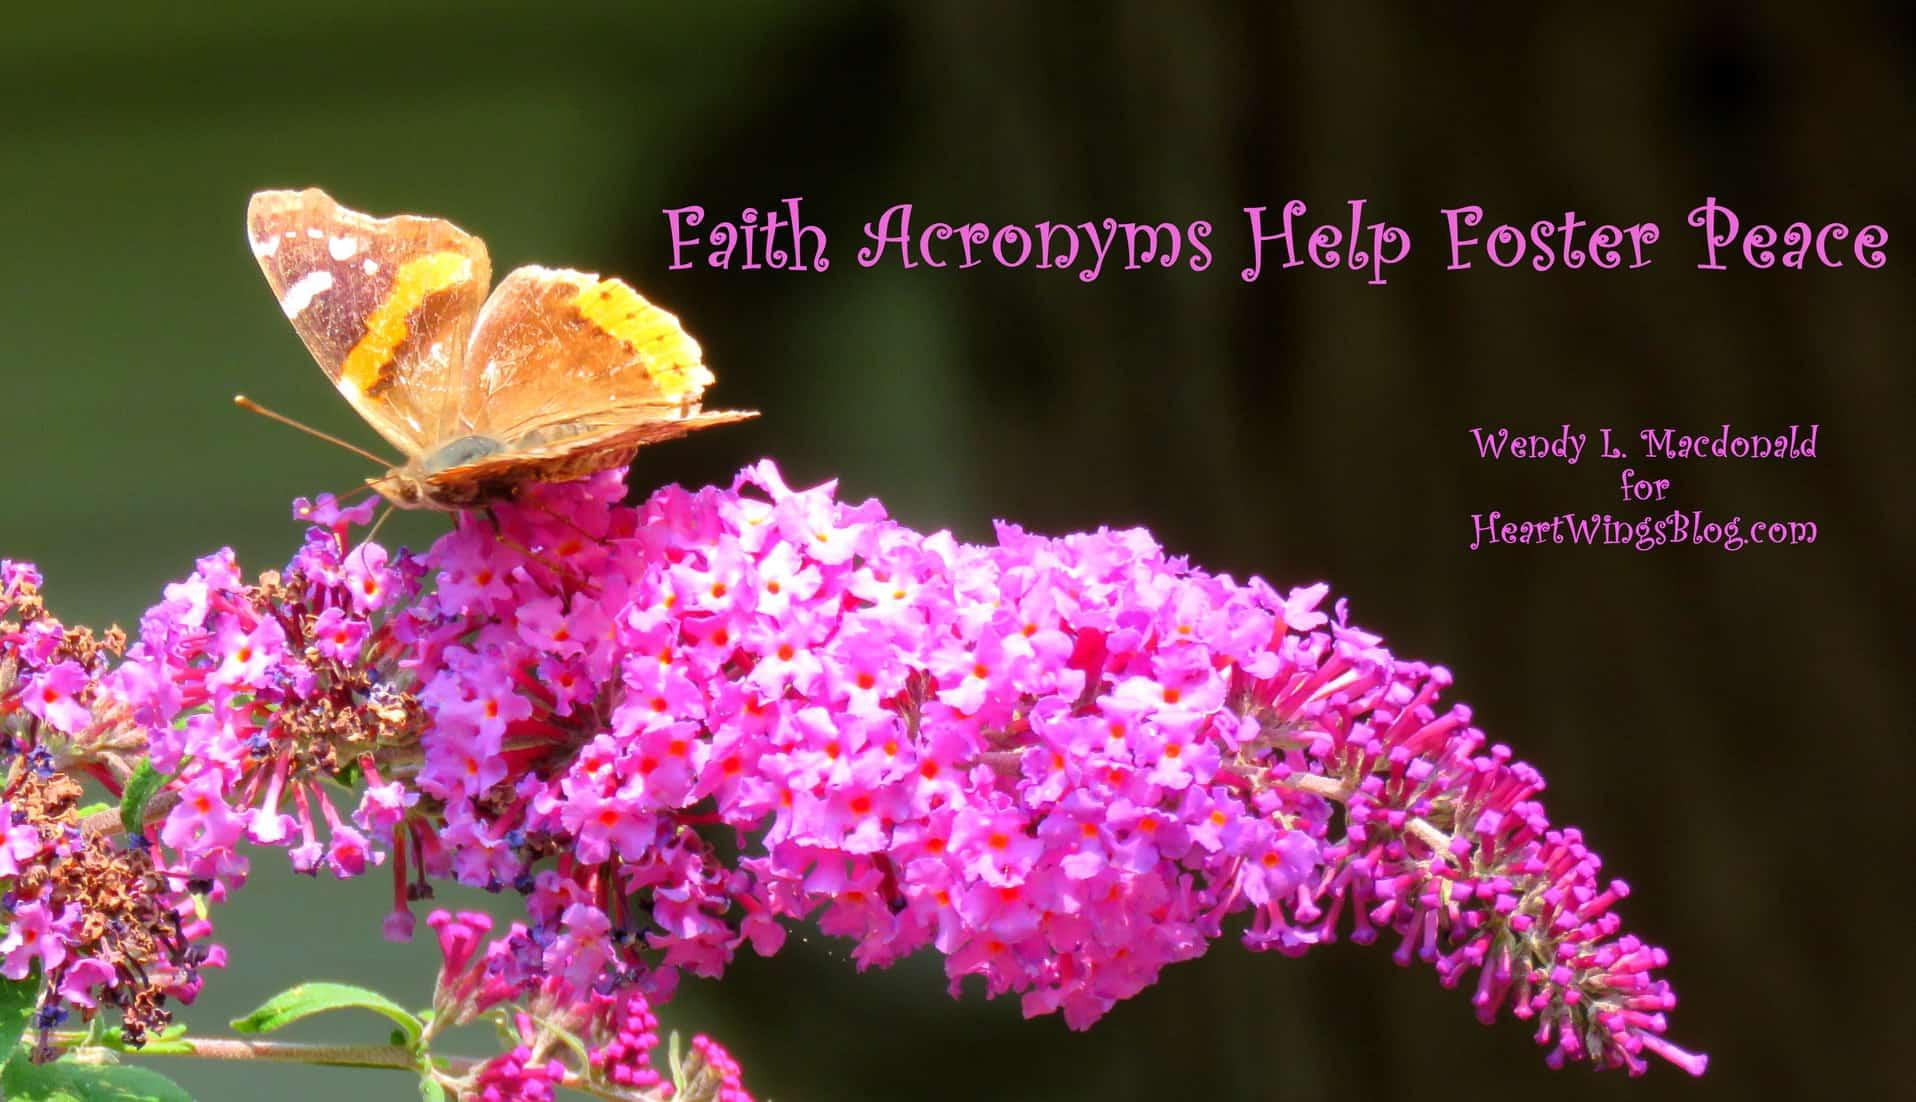 Faith Acronyms Help Foster Peace